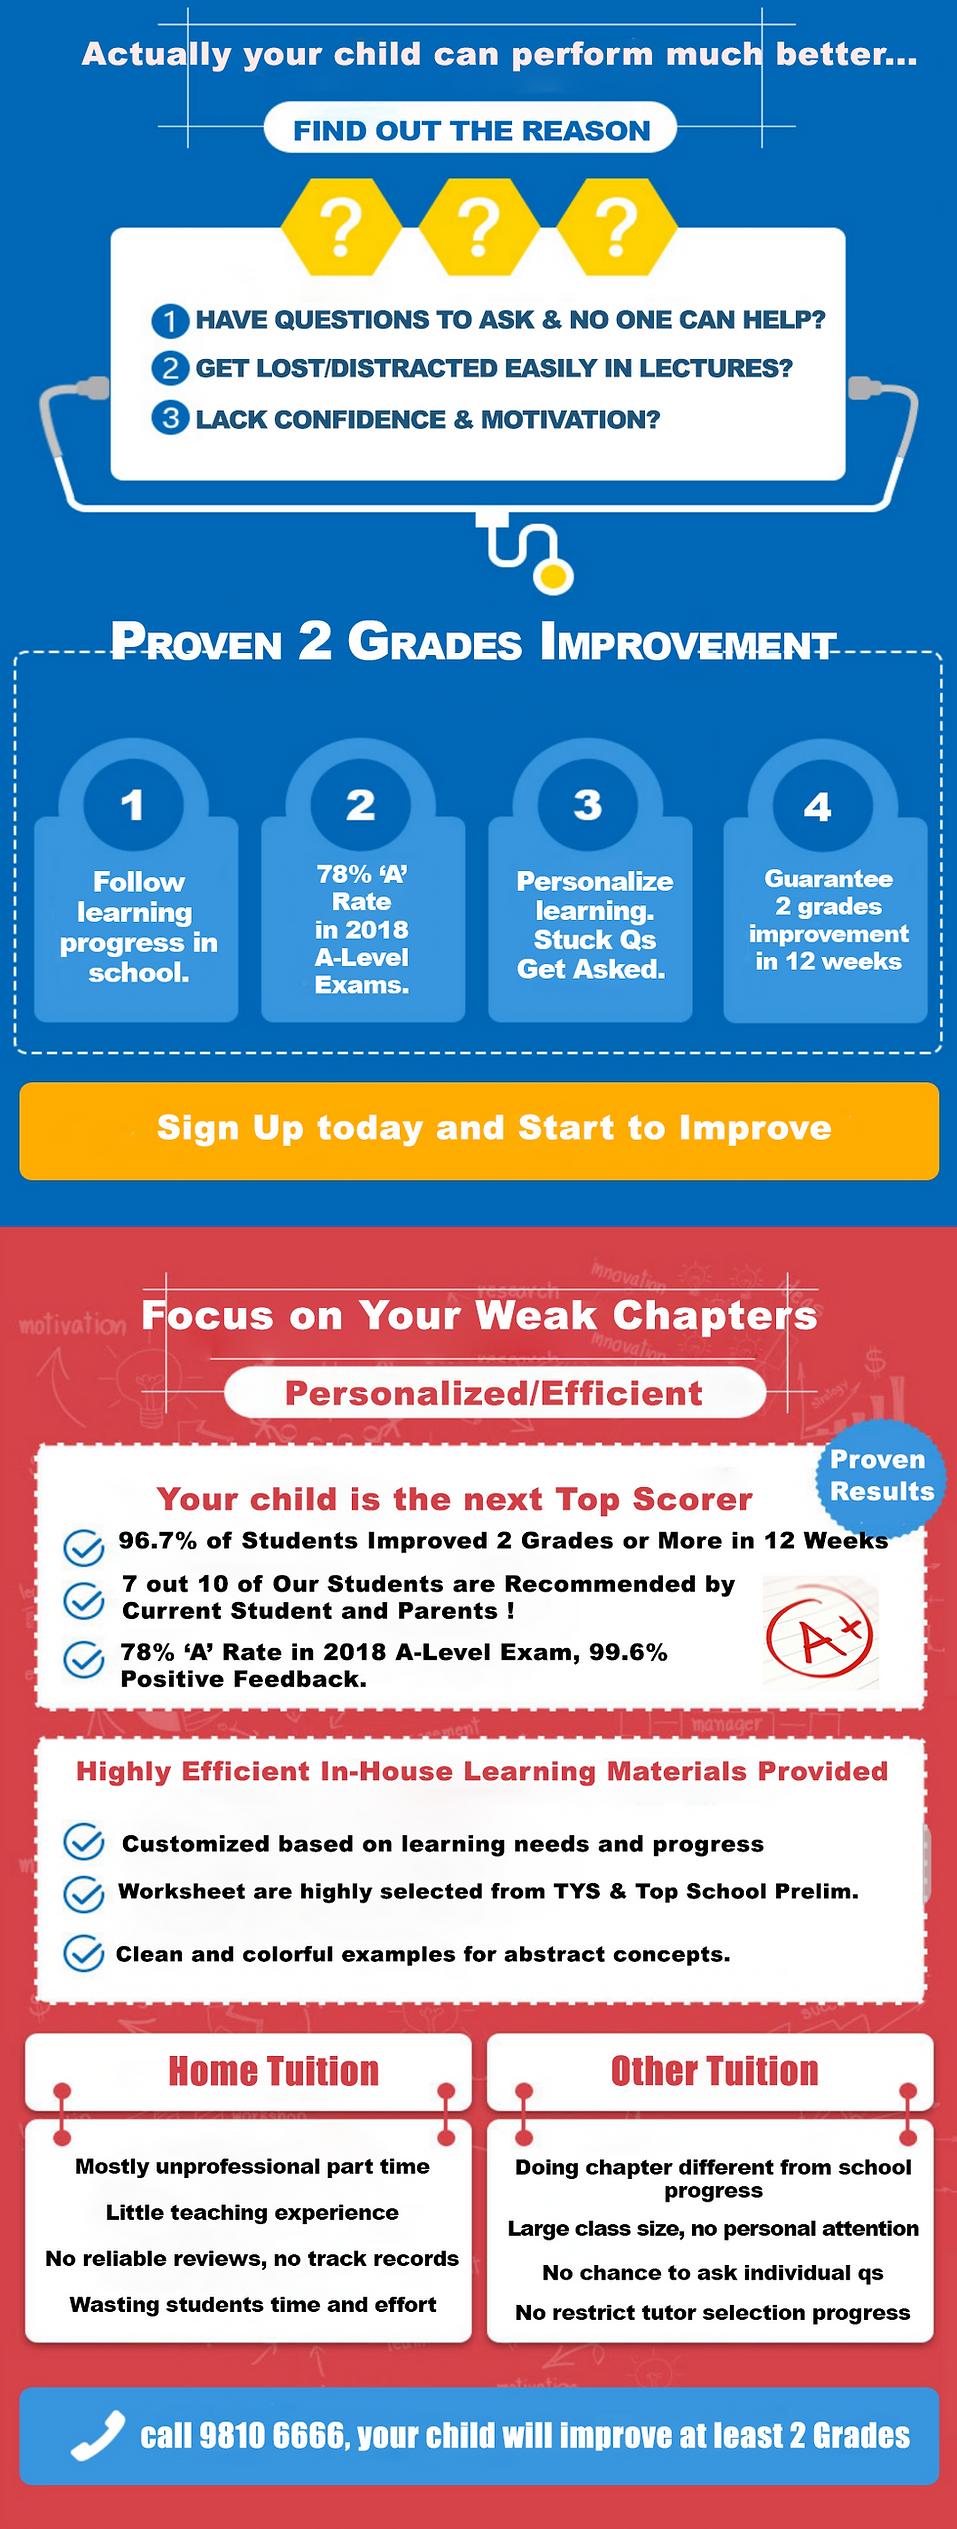 SophiaEducation_WebBG_02_revised.png